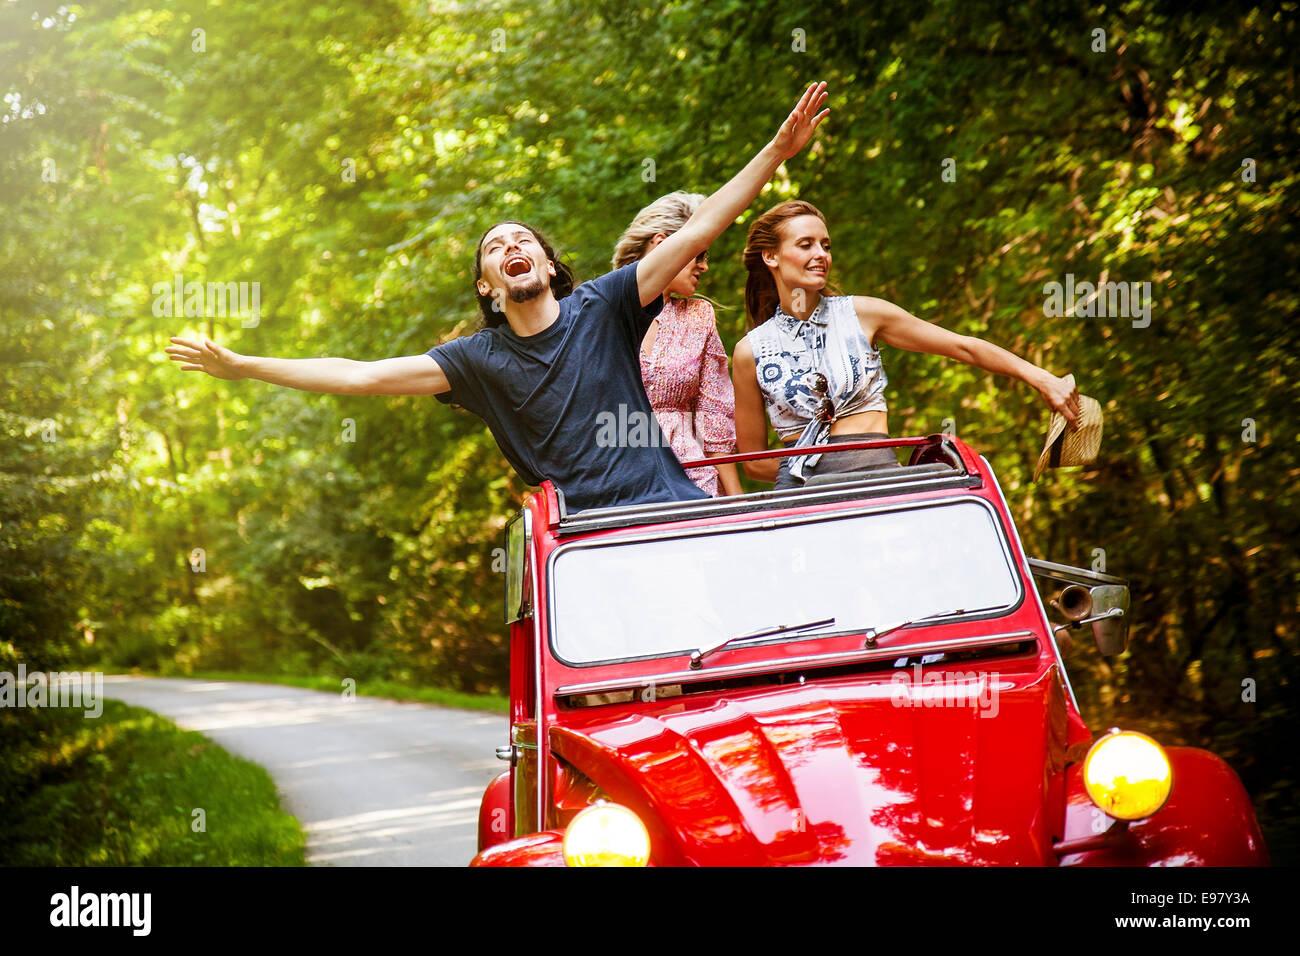 Los jóvenes en rojo vintage car jugando Imagen De Stock